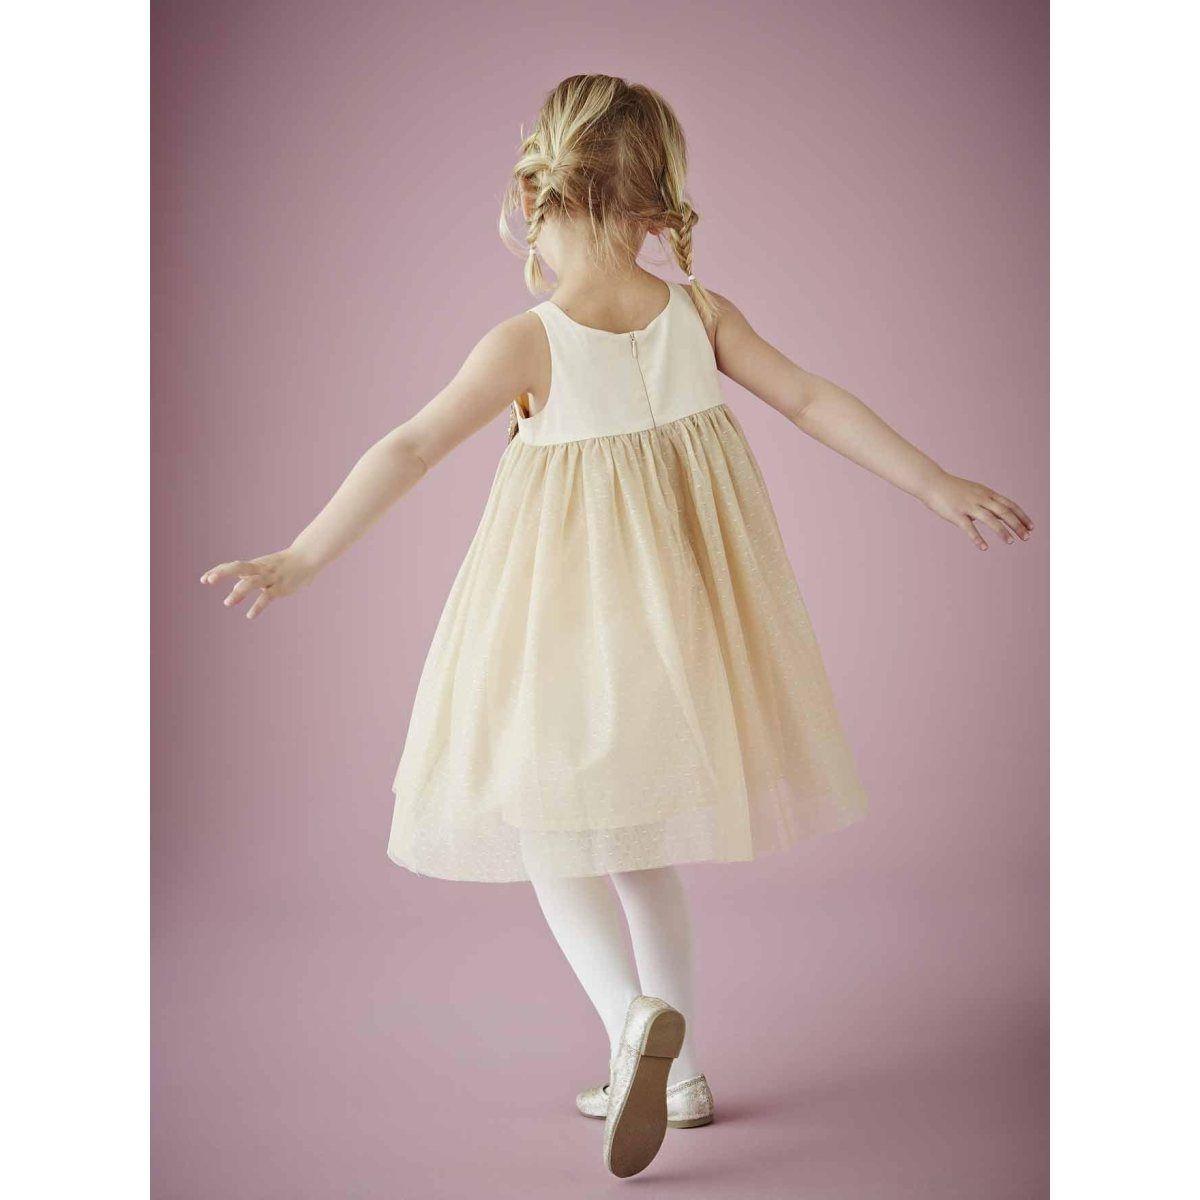 robe de c r monie fille tulle et satin vertbaudet la redoute costume enfant d 39 honneur. Black Bedroom Furniture Sets. Home Design Ideas